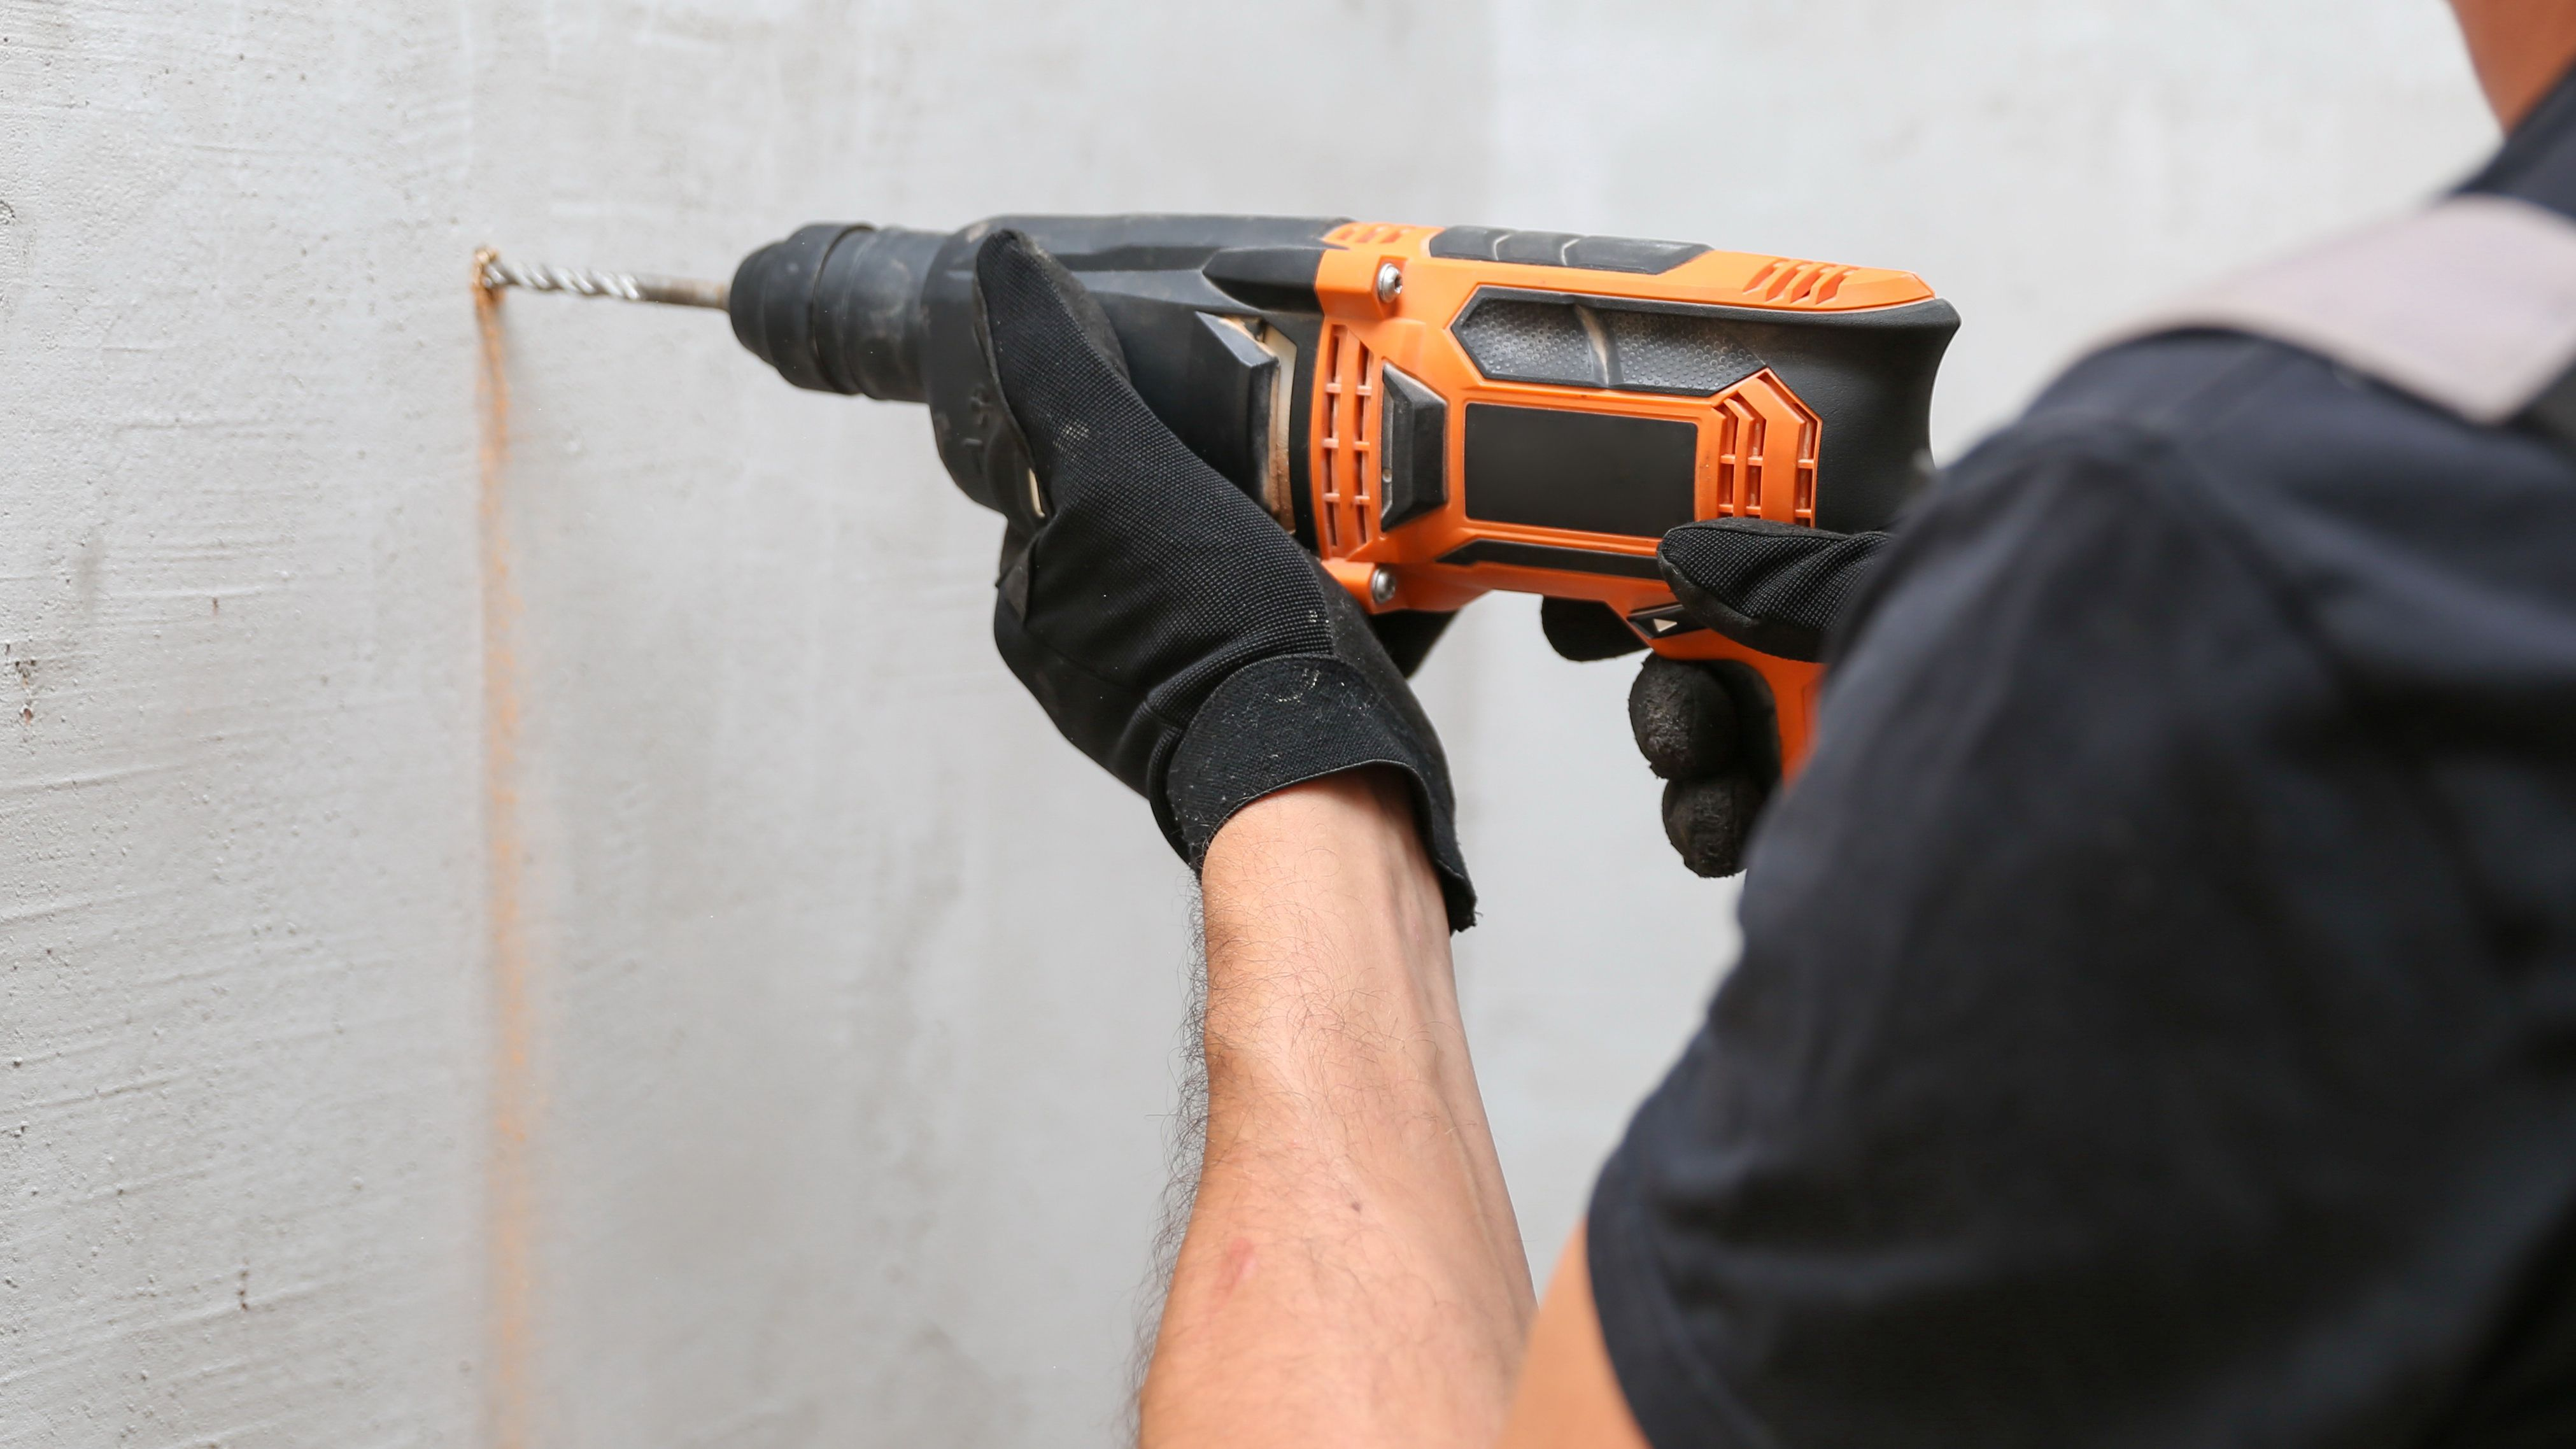 Comment accrocher un chauffe-eau électrique au mur